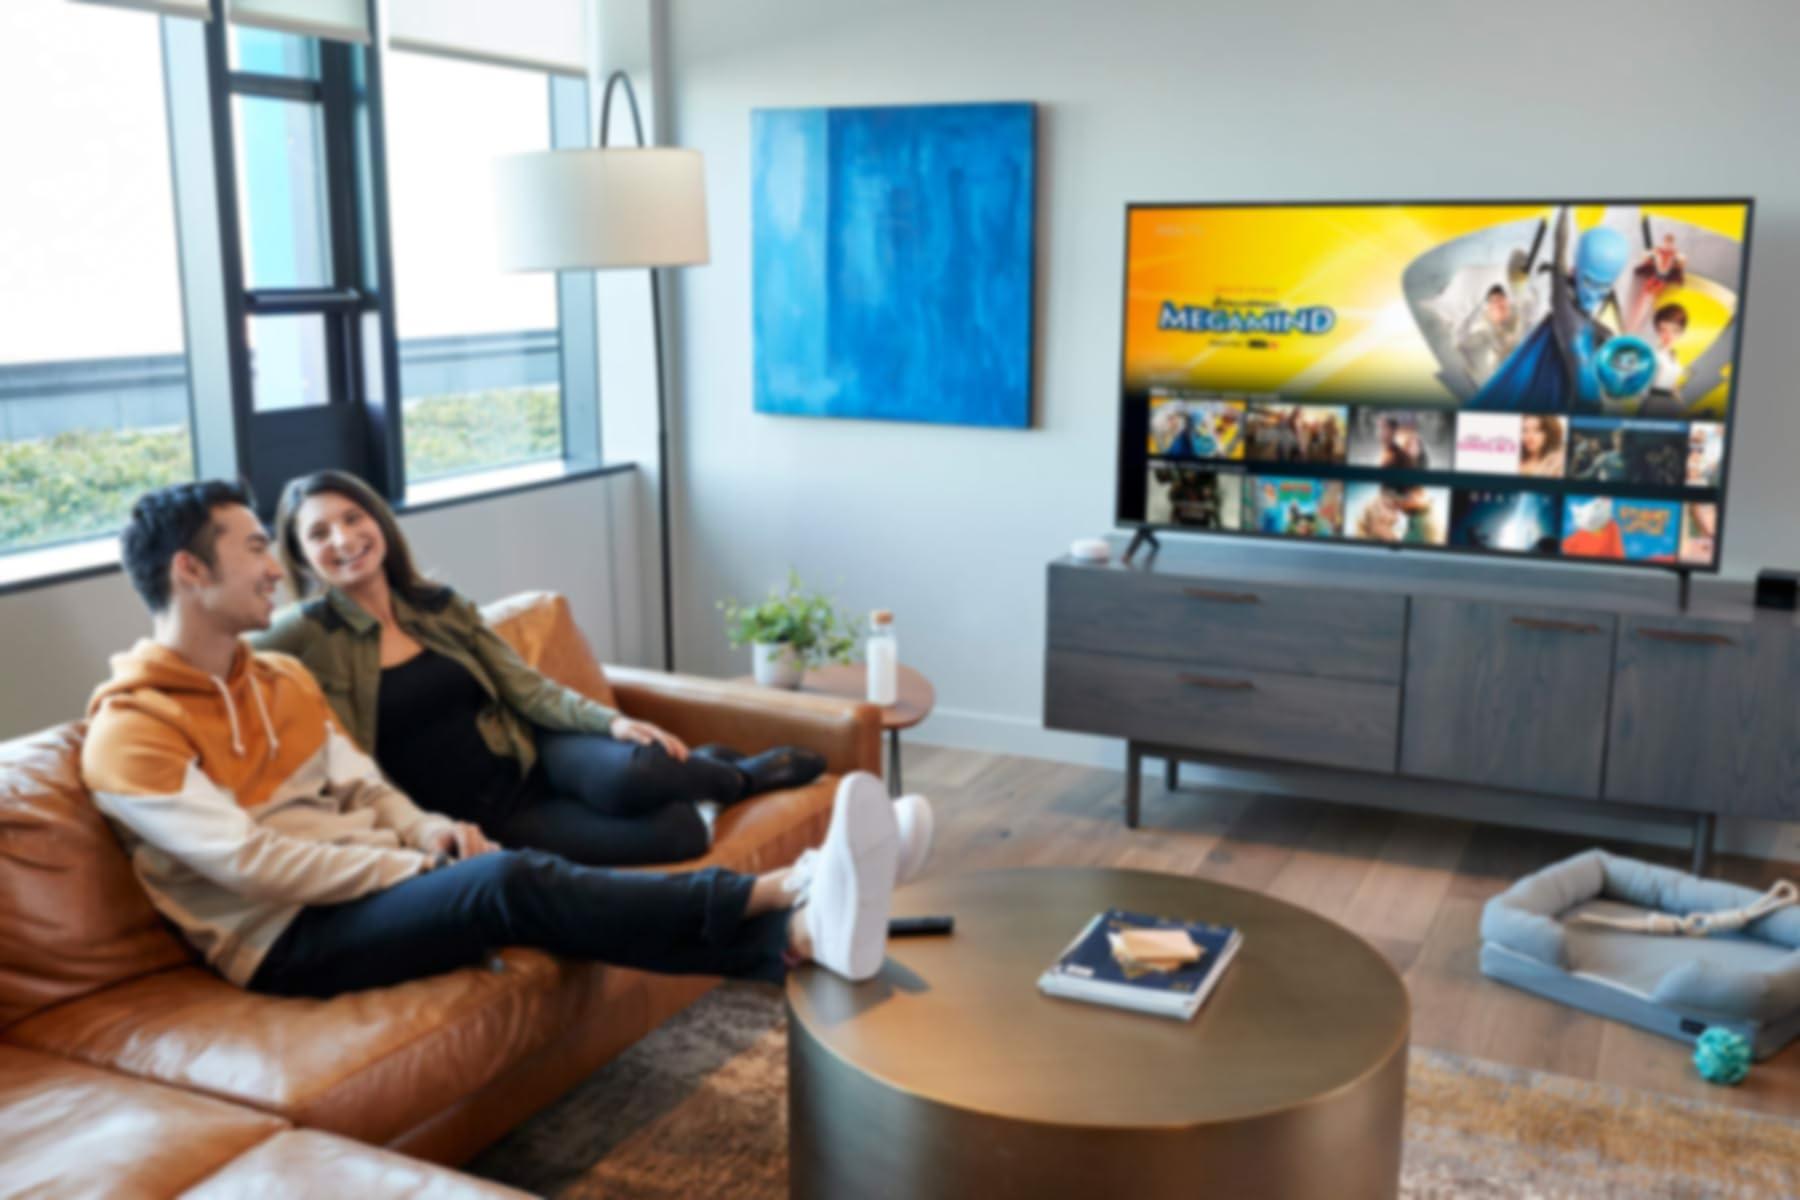 TVの置かれたリビングのソファに座って笑い合う若い男女。TVには映画を選択する画面が表示されている。